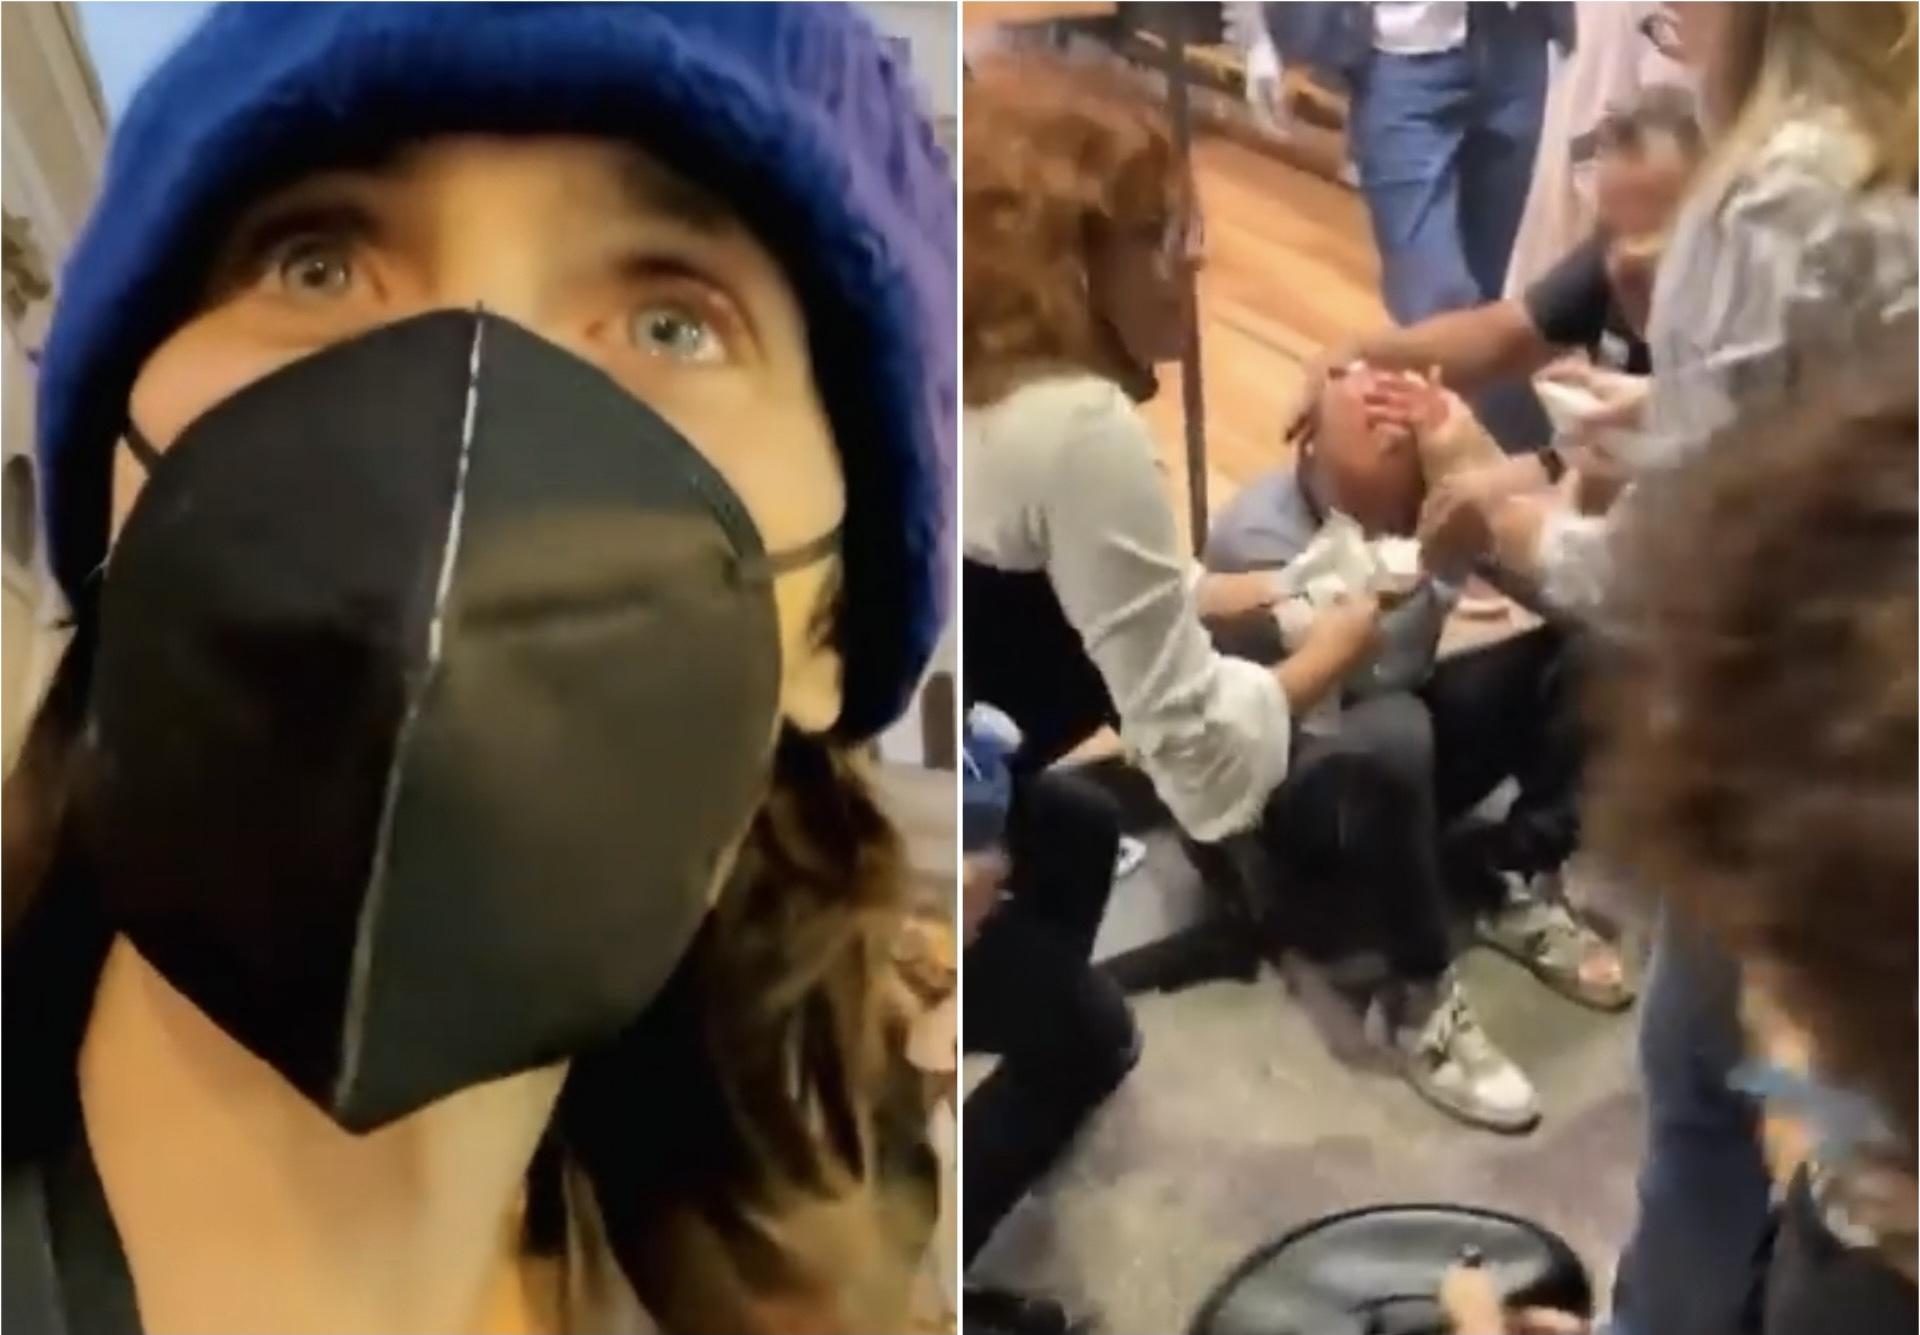 «Досталось»: Джаред Лето пострадал от рук полиции во время протестов в Италии (видео)